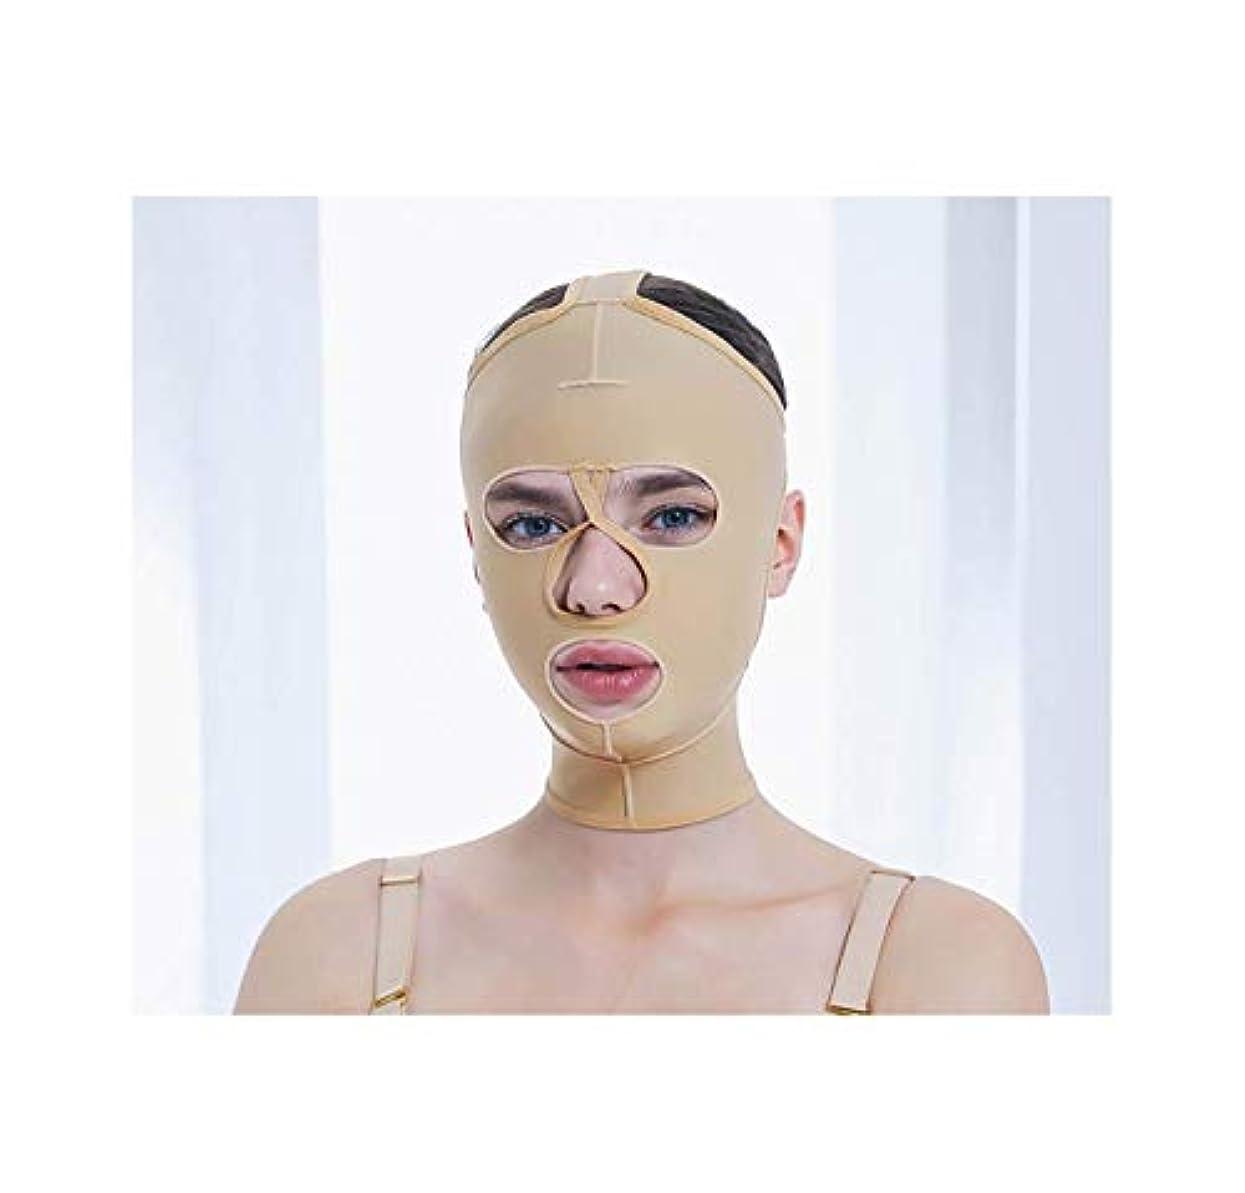 再集計年齢スナップフェイスアンドネックリフト、減量フェイスマスク脂肪吸引術脂肪吸引術シェーピングマスクフードフェイスリフティングアーティファクトVフェイスビームフェイス弾性スリーブ(サイズ:Xl)